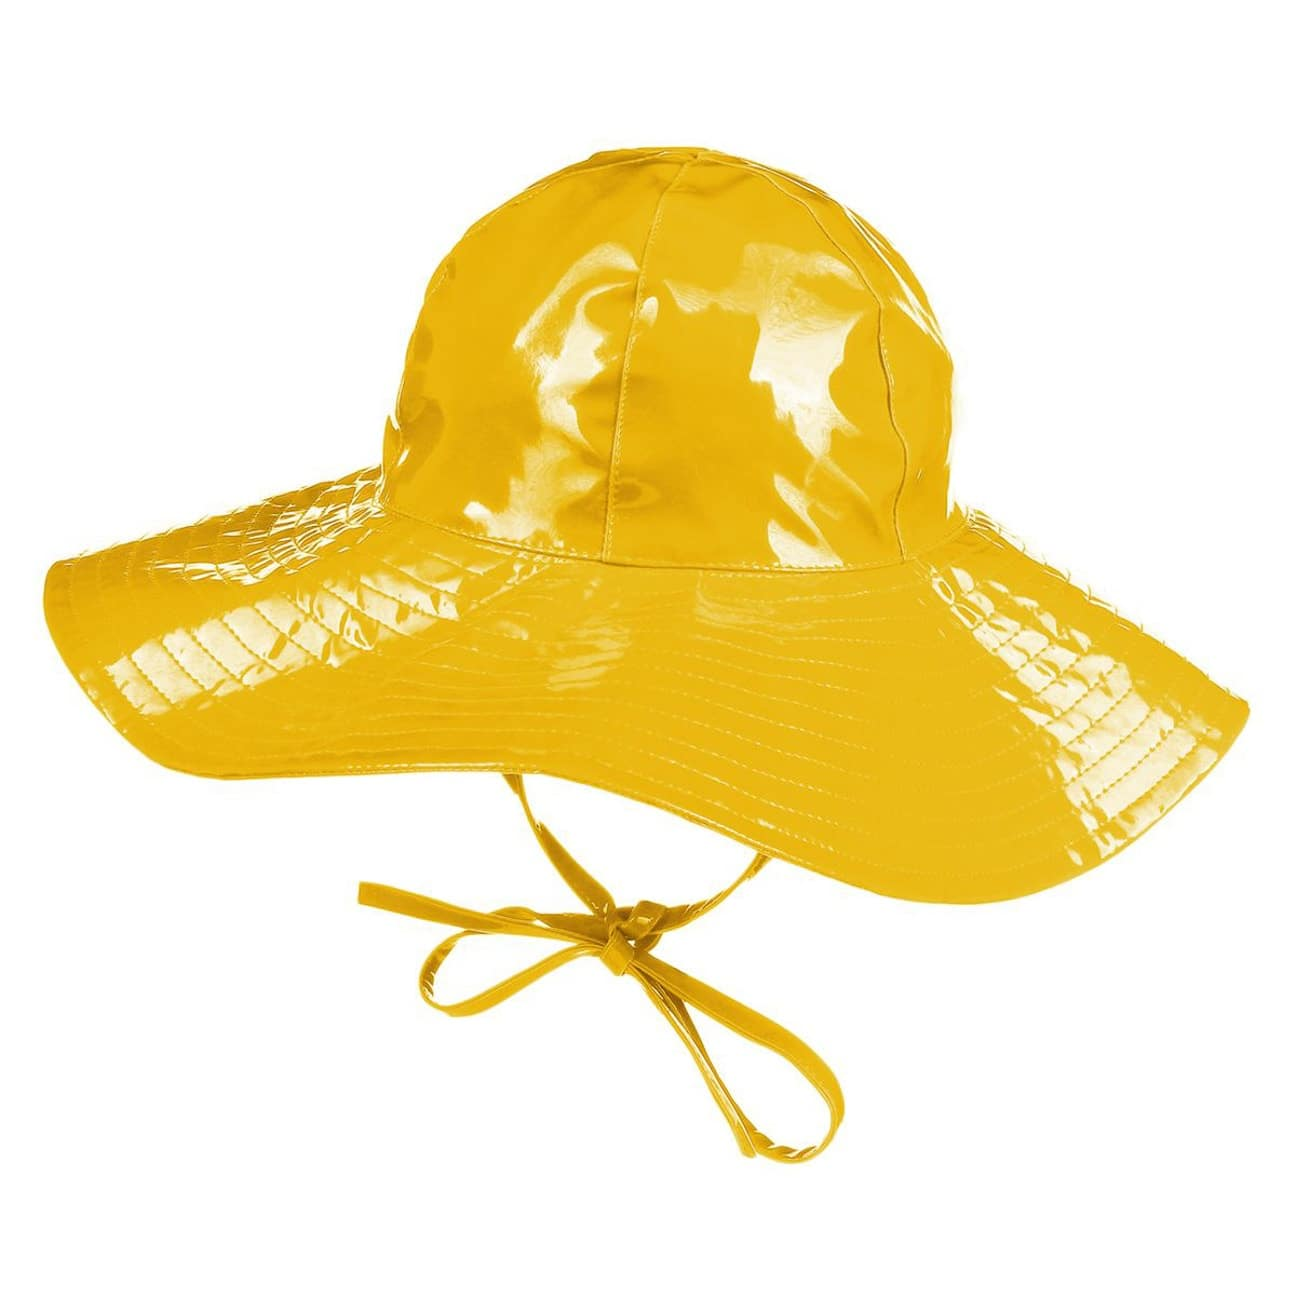 Sombrero para Lluvia Floppy by McBURN - Sombreros - sombreroshop.es 70388e08d05